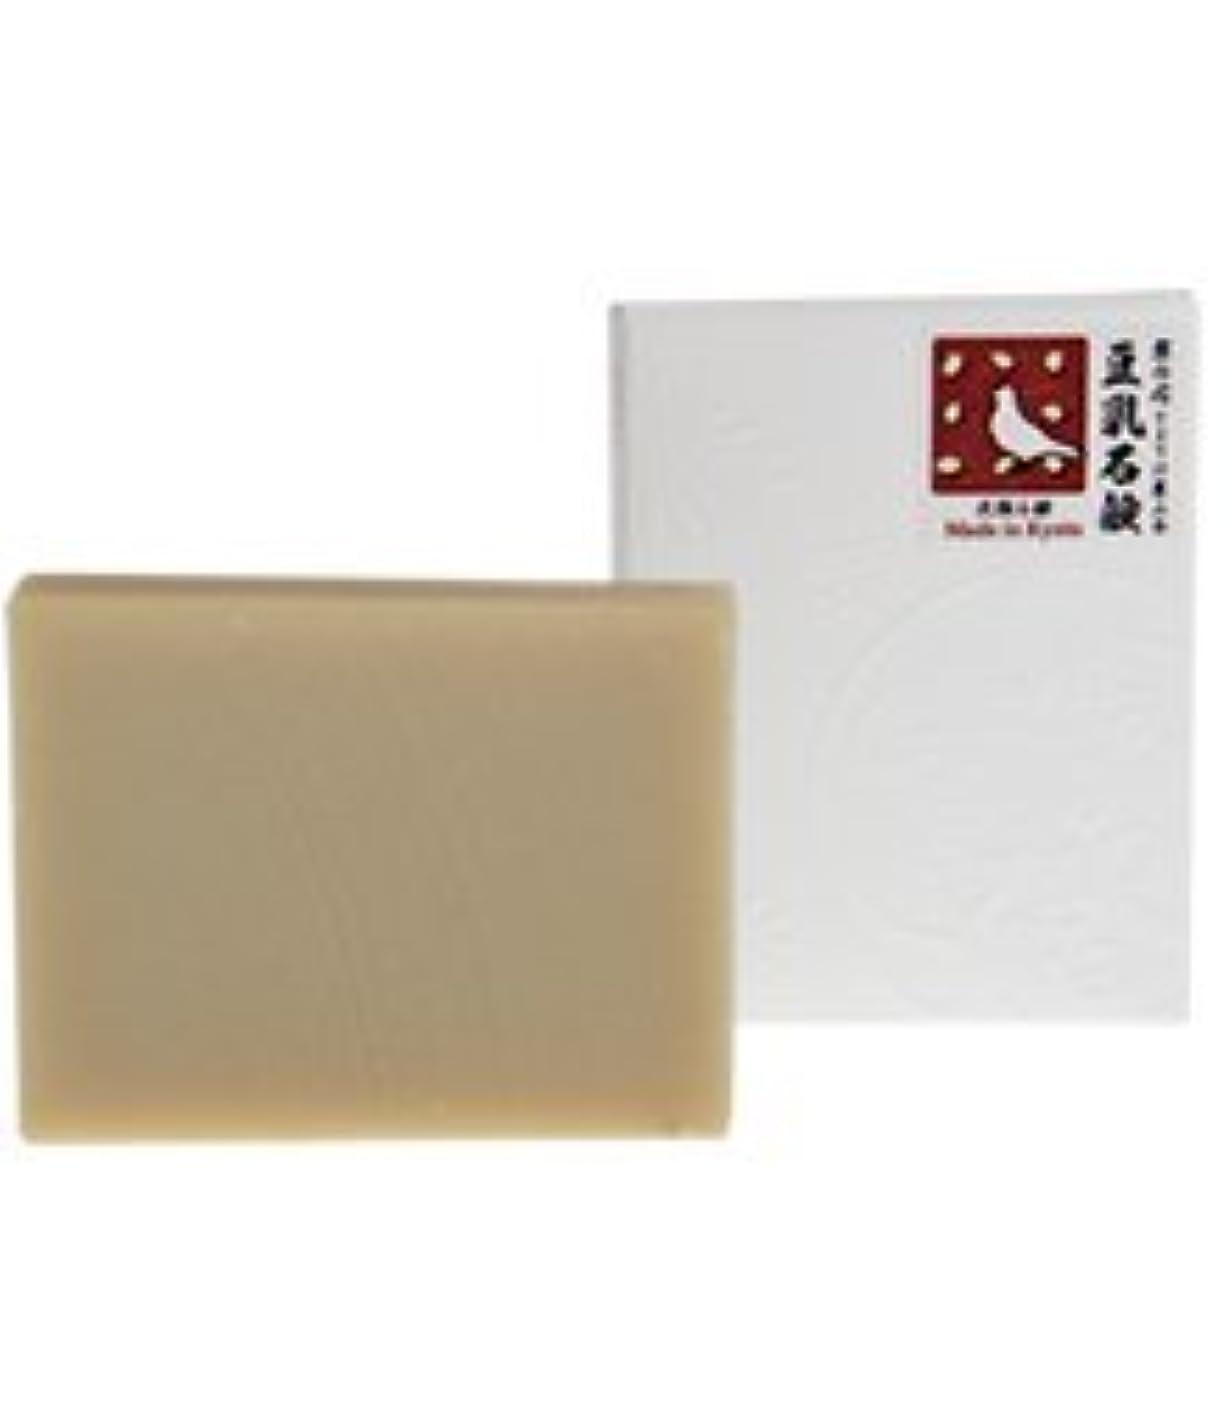 代数的広告デッドロック豆乳石鹸|石鹸屋(京都しゃぼんや×とようけ屋山本)洗顔石鹸